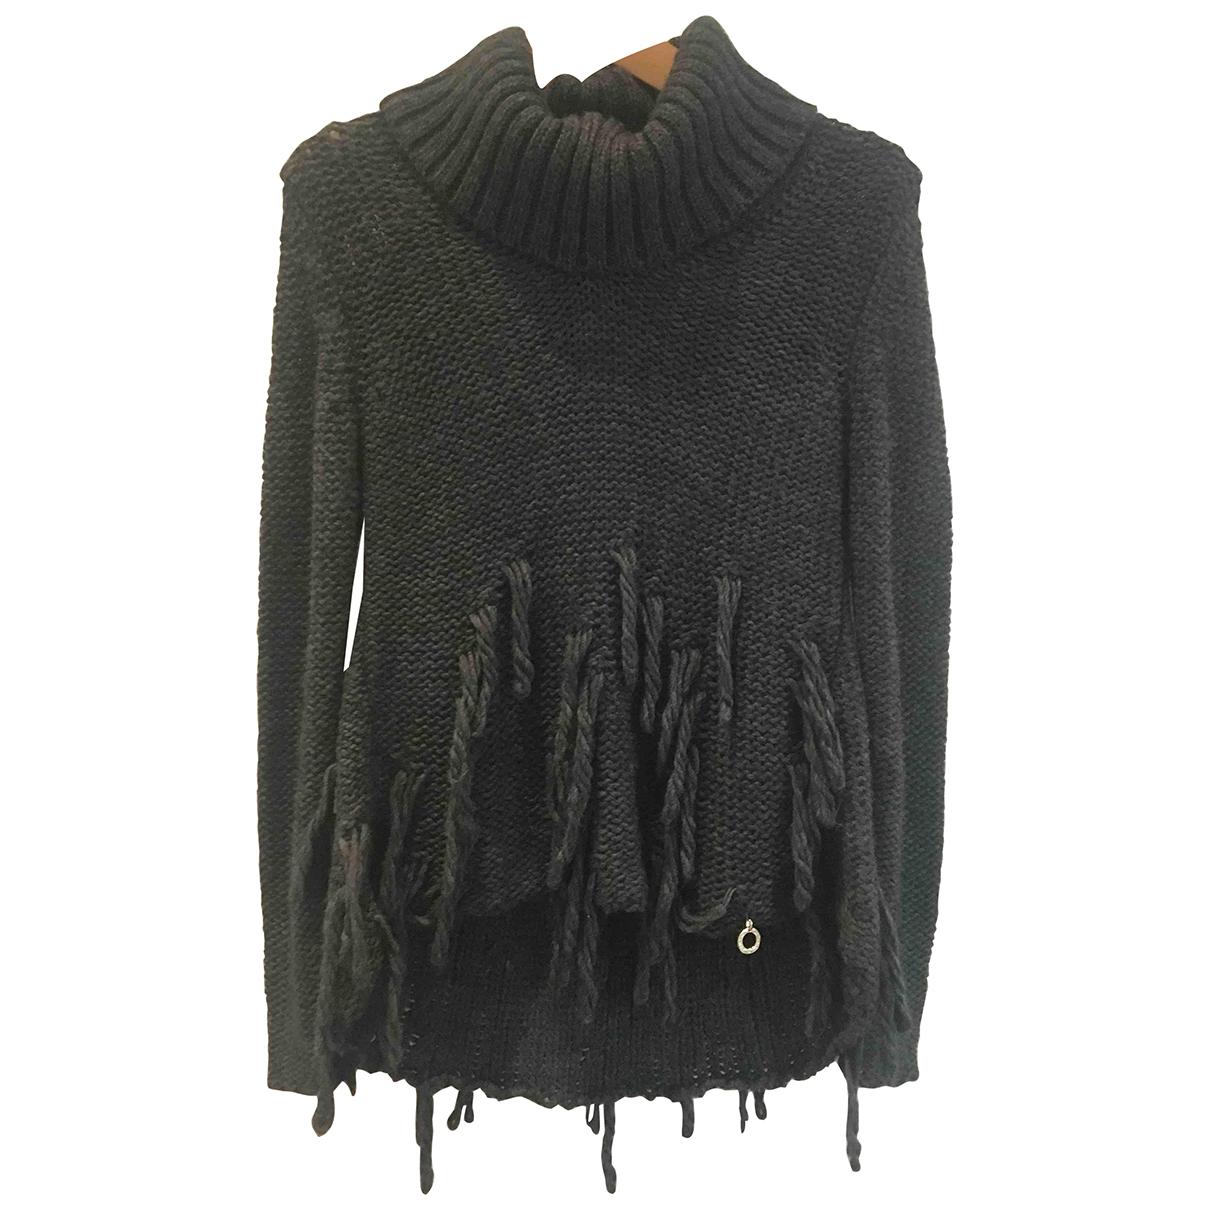 Mangano \N Pullover in  Grau Wolle